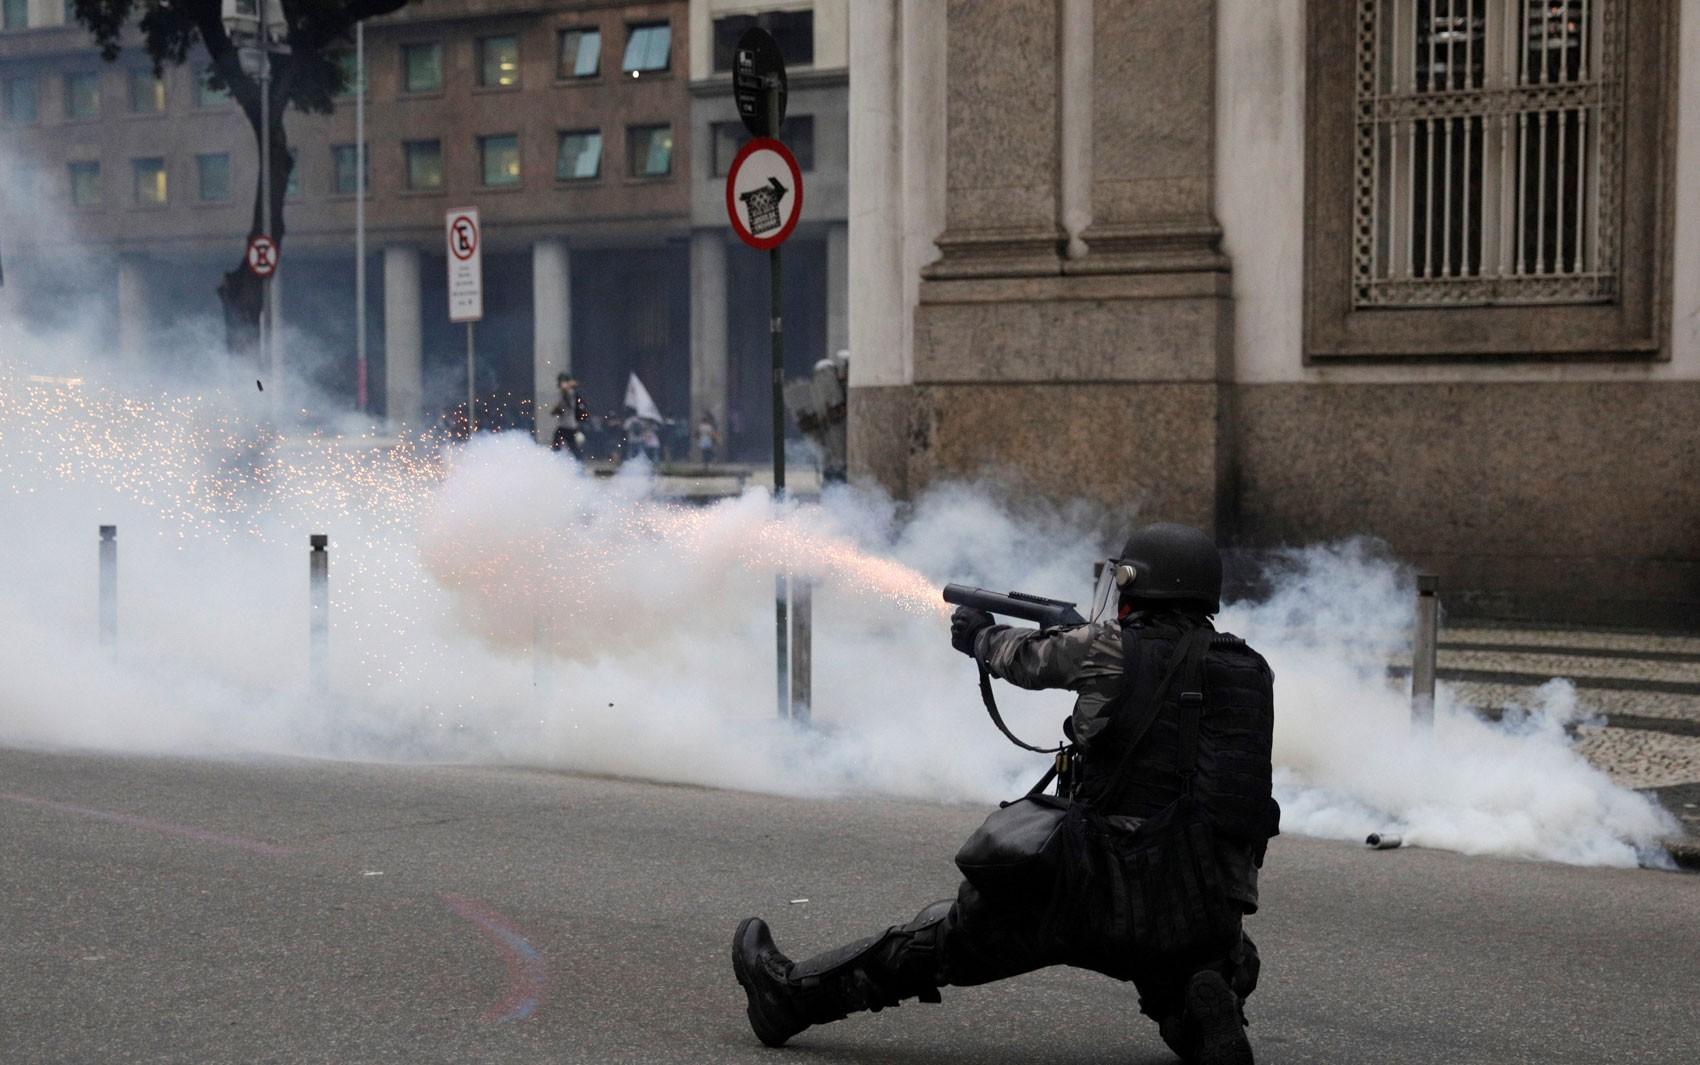 Justiça do RJ autoriza uso de gás lacrimogêneo e balas de borracha para garantir a ordem em manifestações